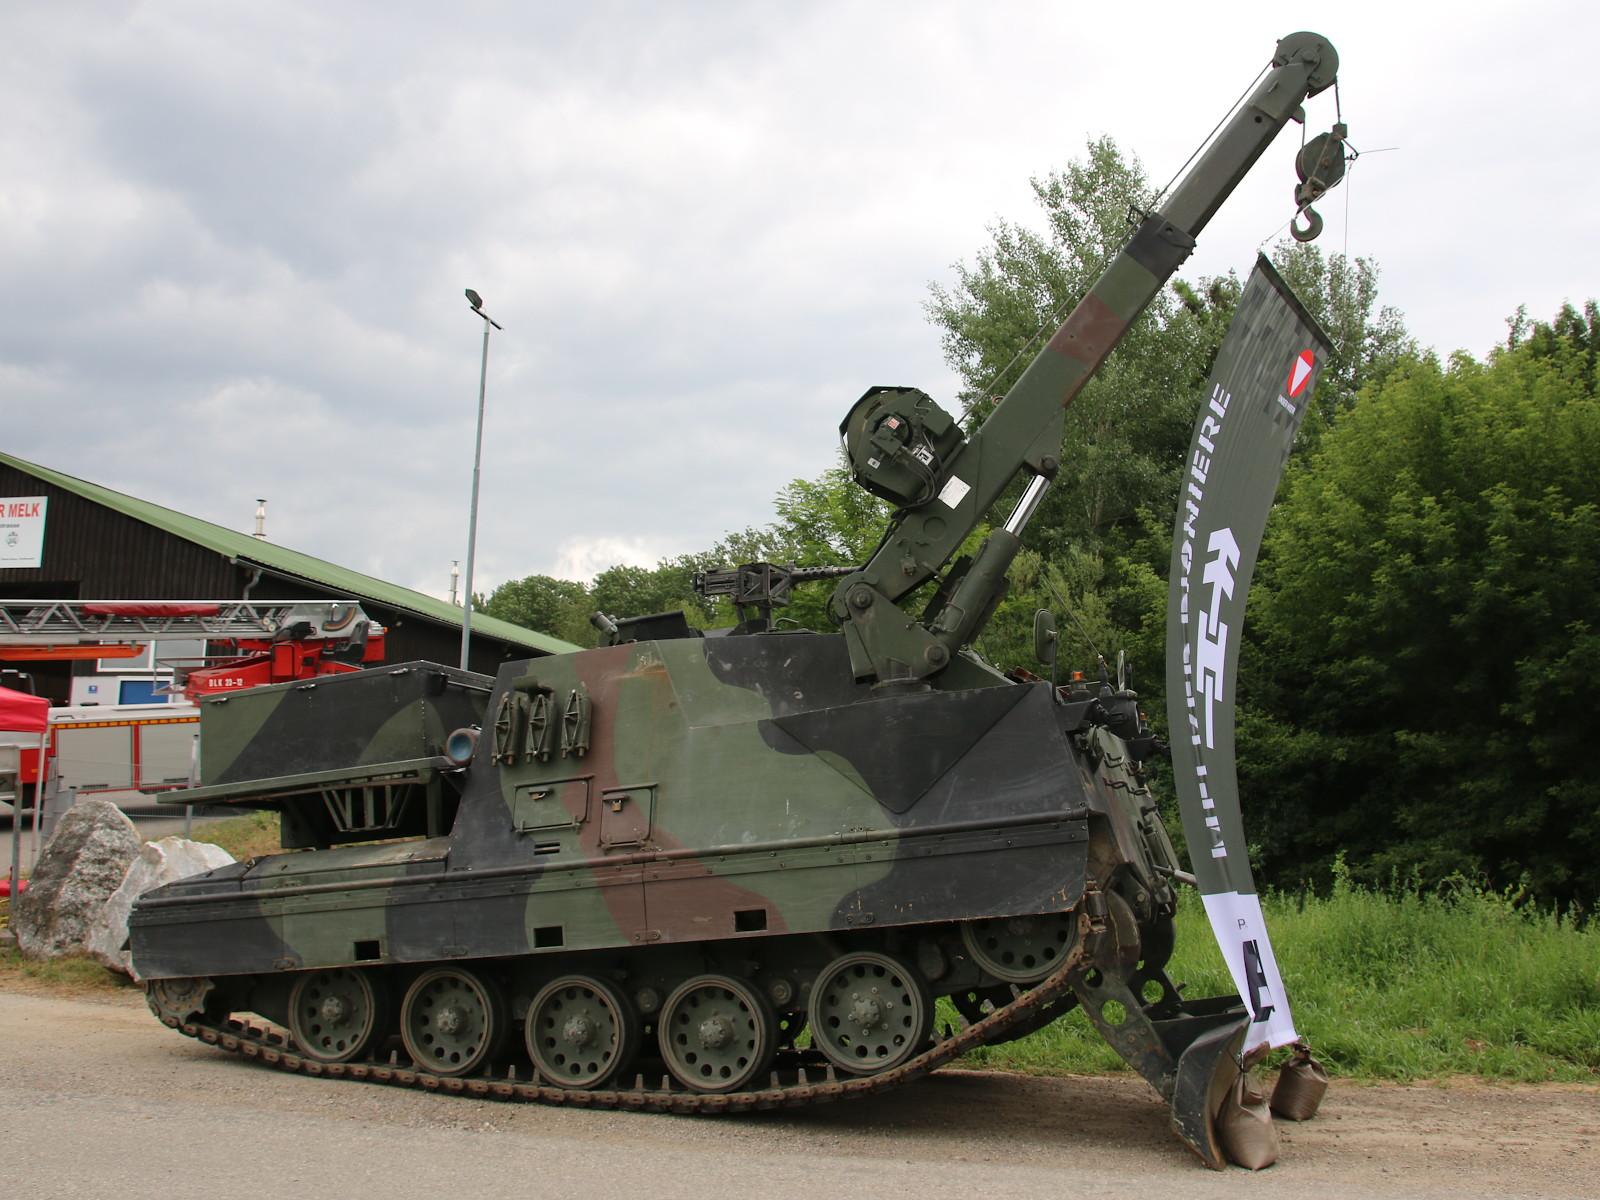 Bergepanzer Greif A1 © Doppeladler.com